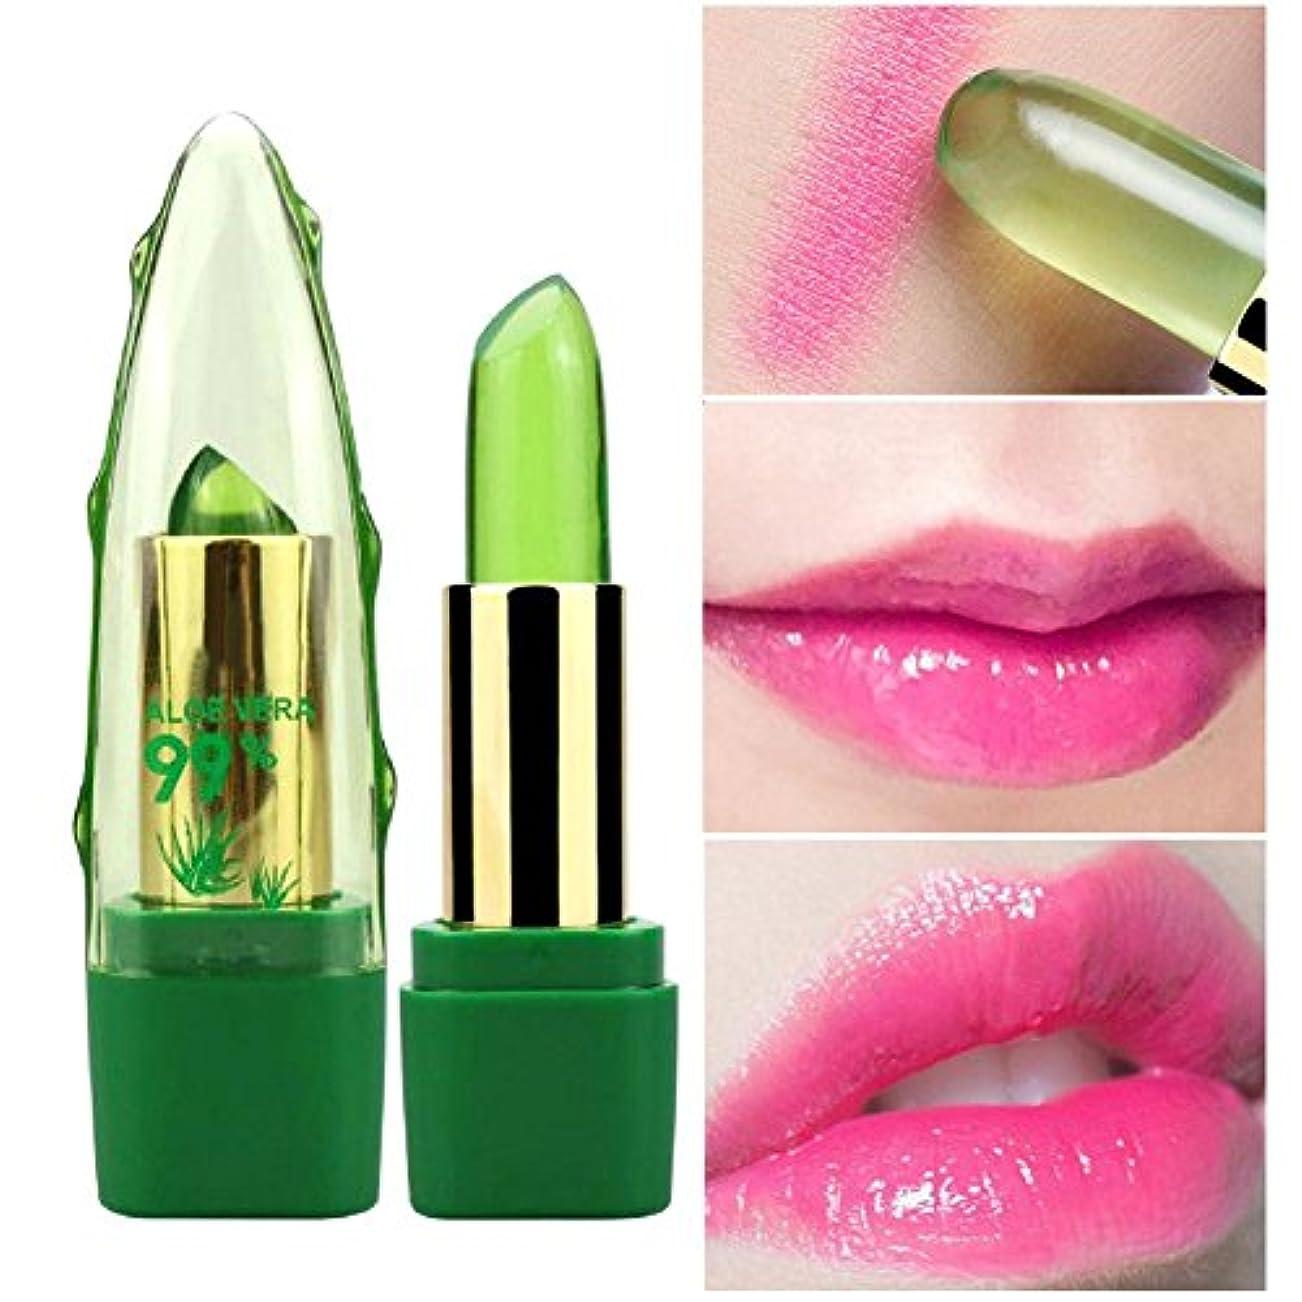 支店きちんとしたスリップアロエベラゼリー リップクリーム 温度変化色 保湿 リップバーム 防水 長持ち 持ち運び リップスティック 天然植物 有機 健康 高輝度色で美しい唇を彩りルージュ